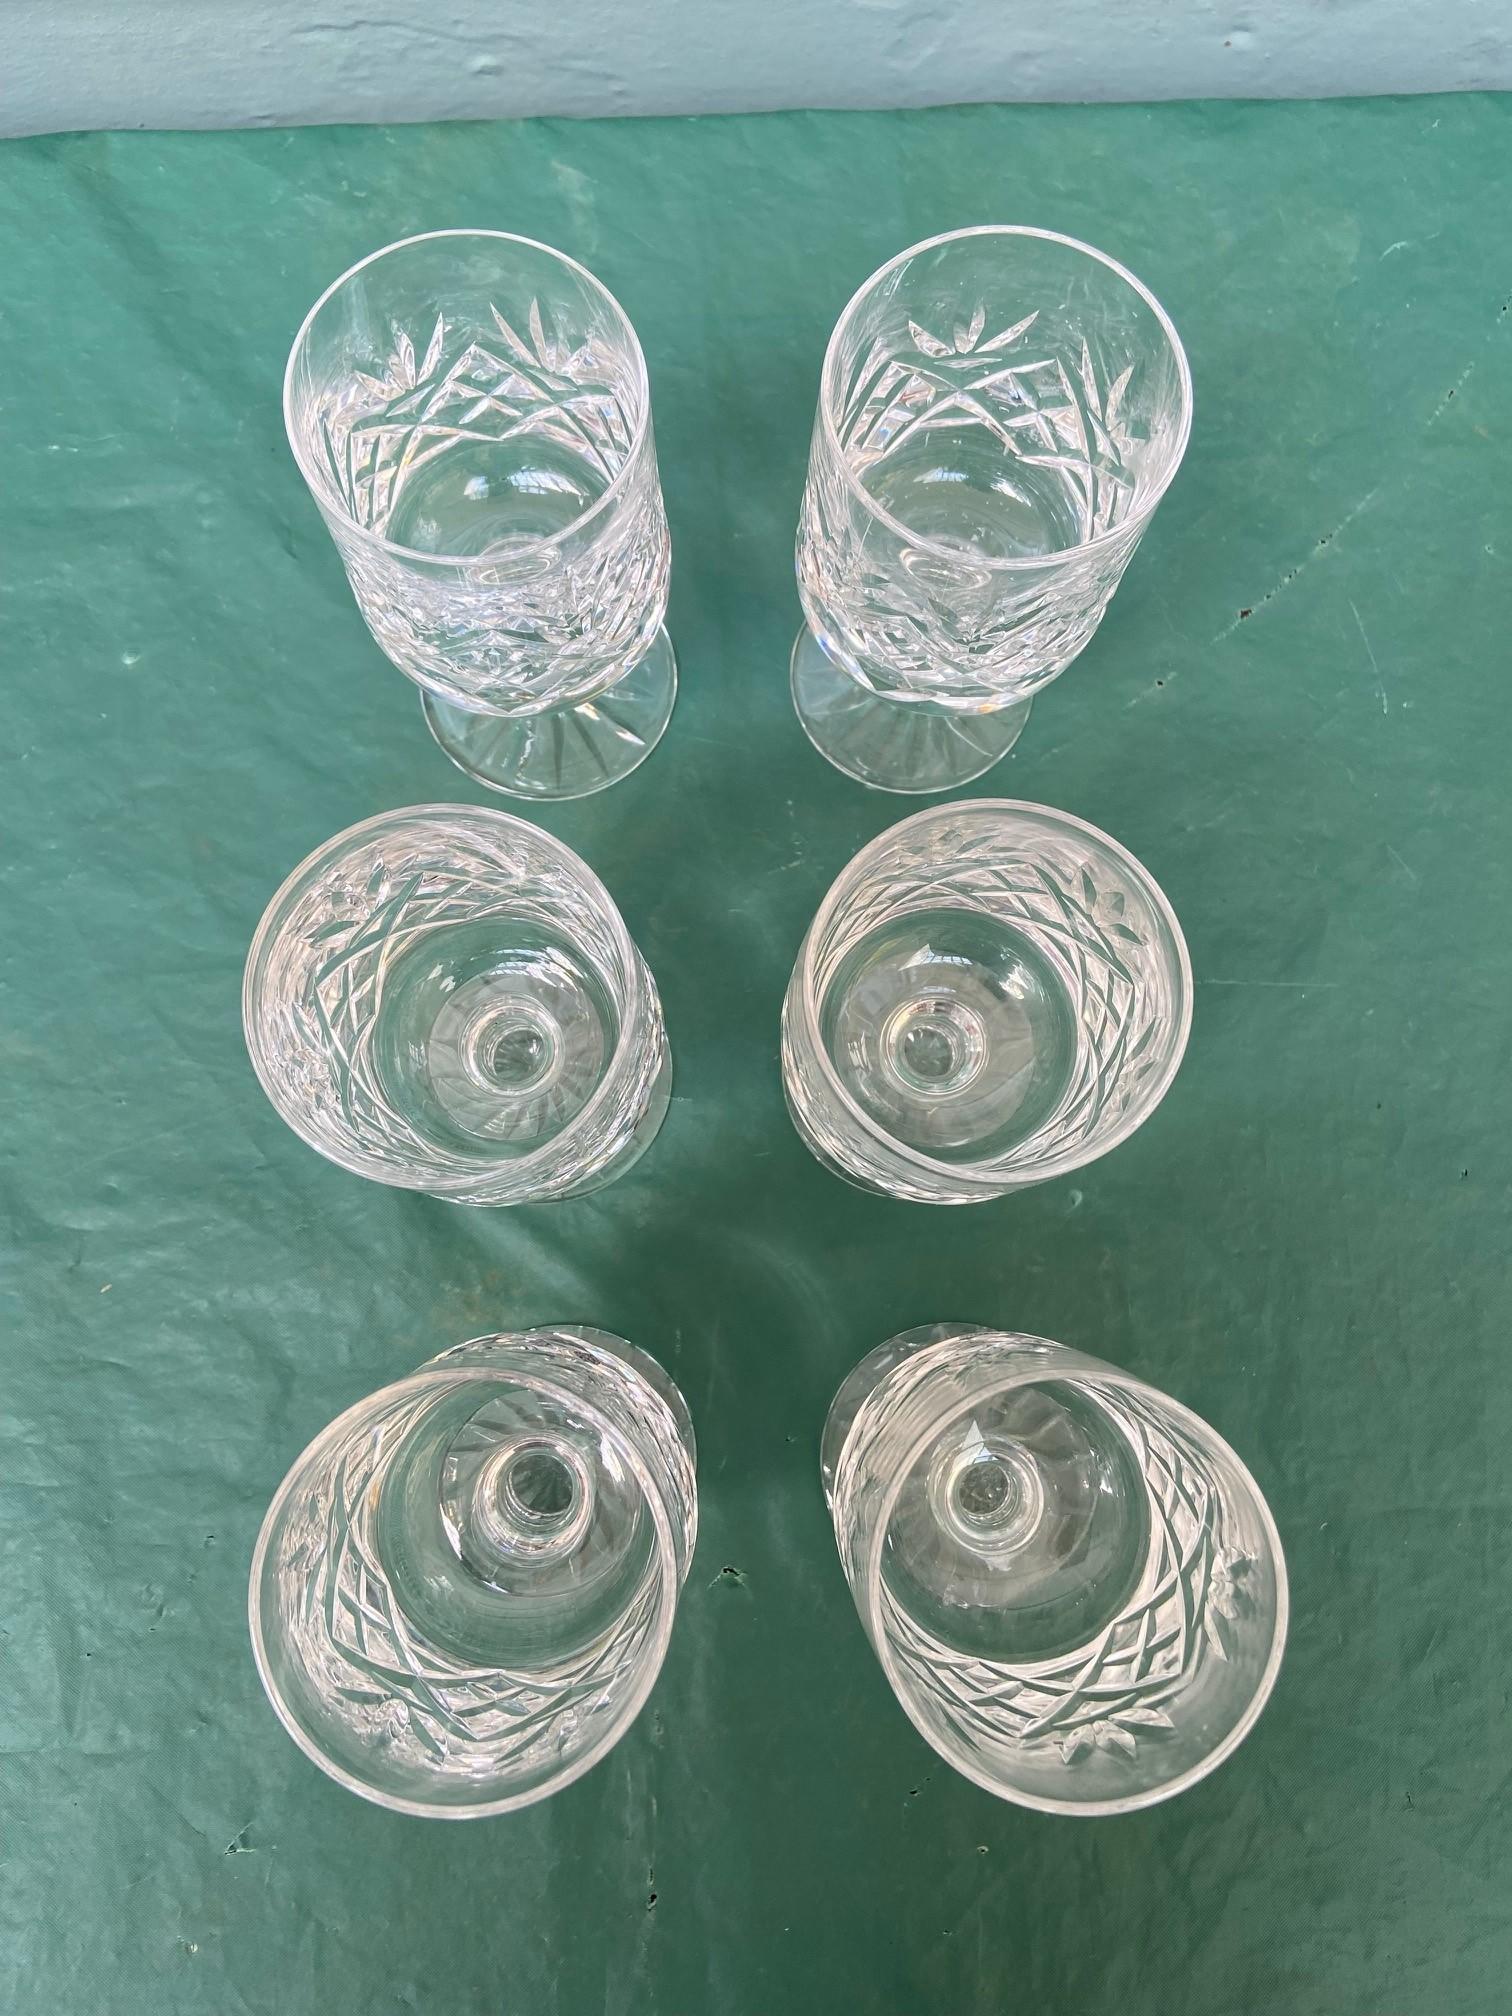 6 diamond cut Stuart crystal wine glasses - Image 5 of 11